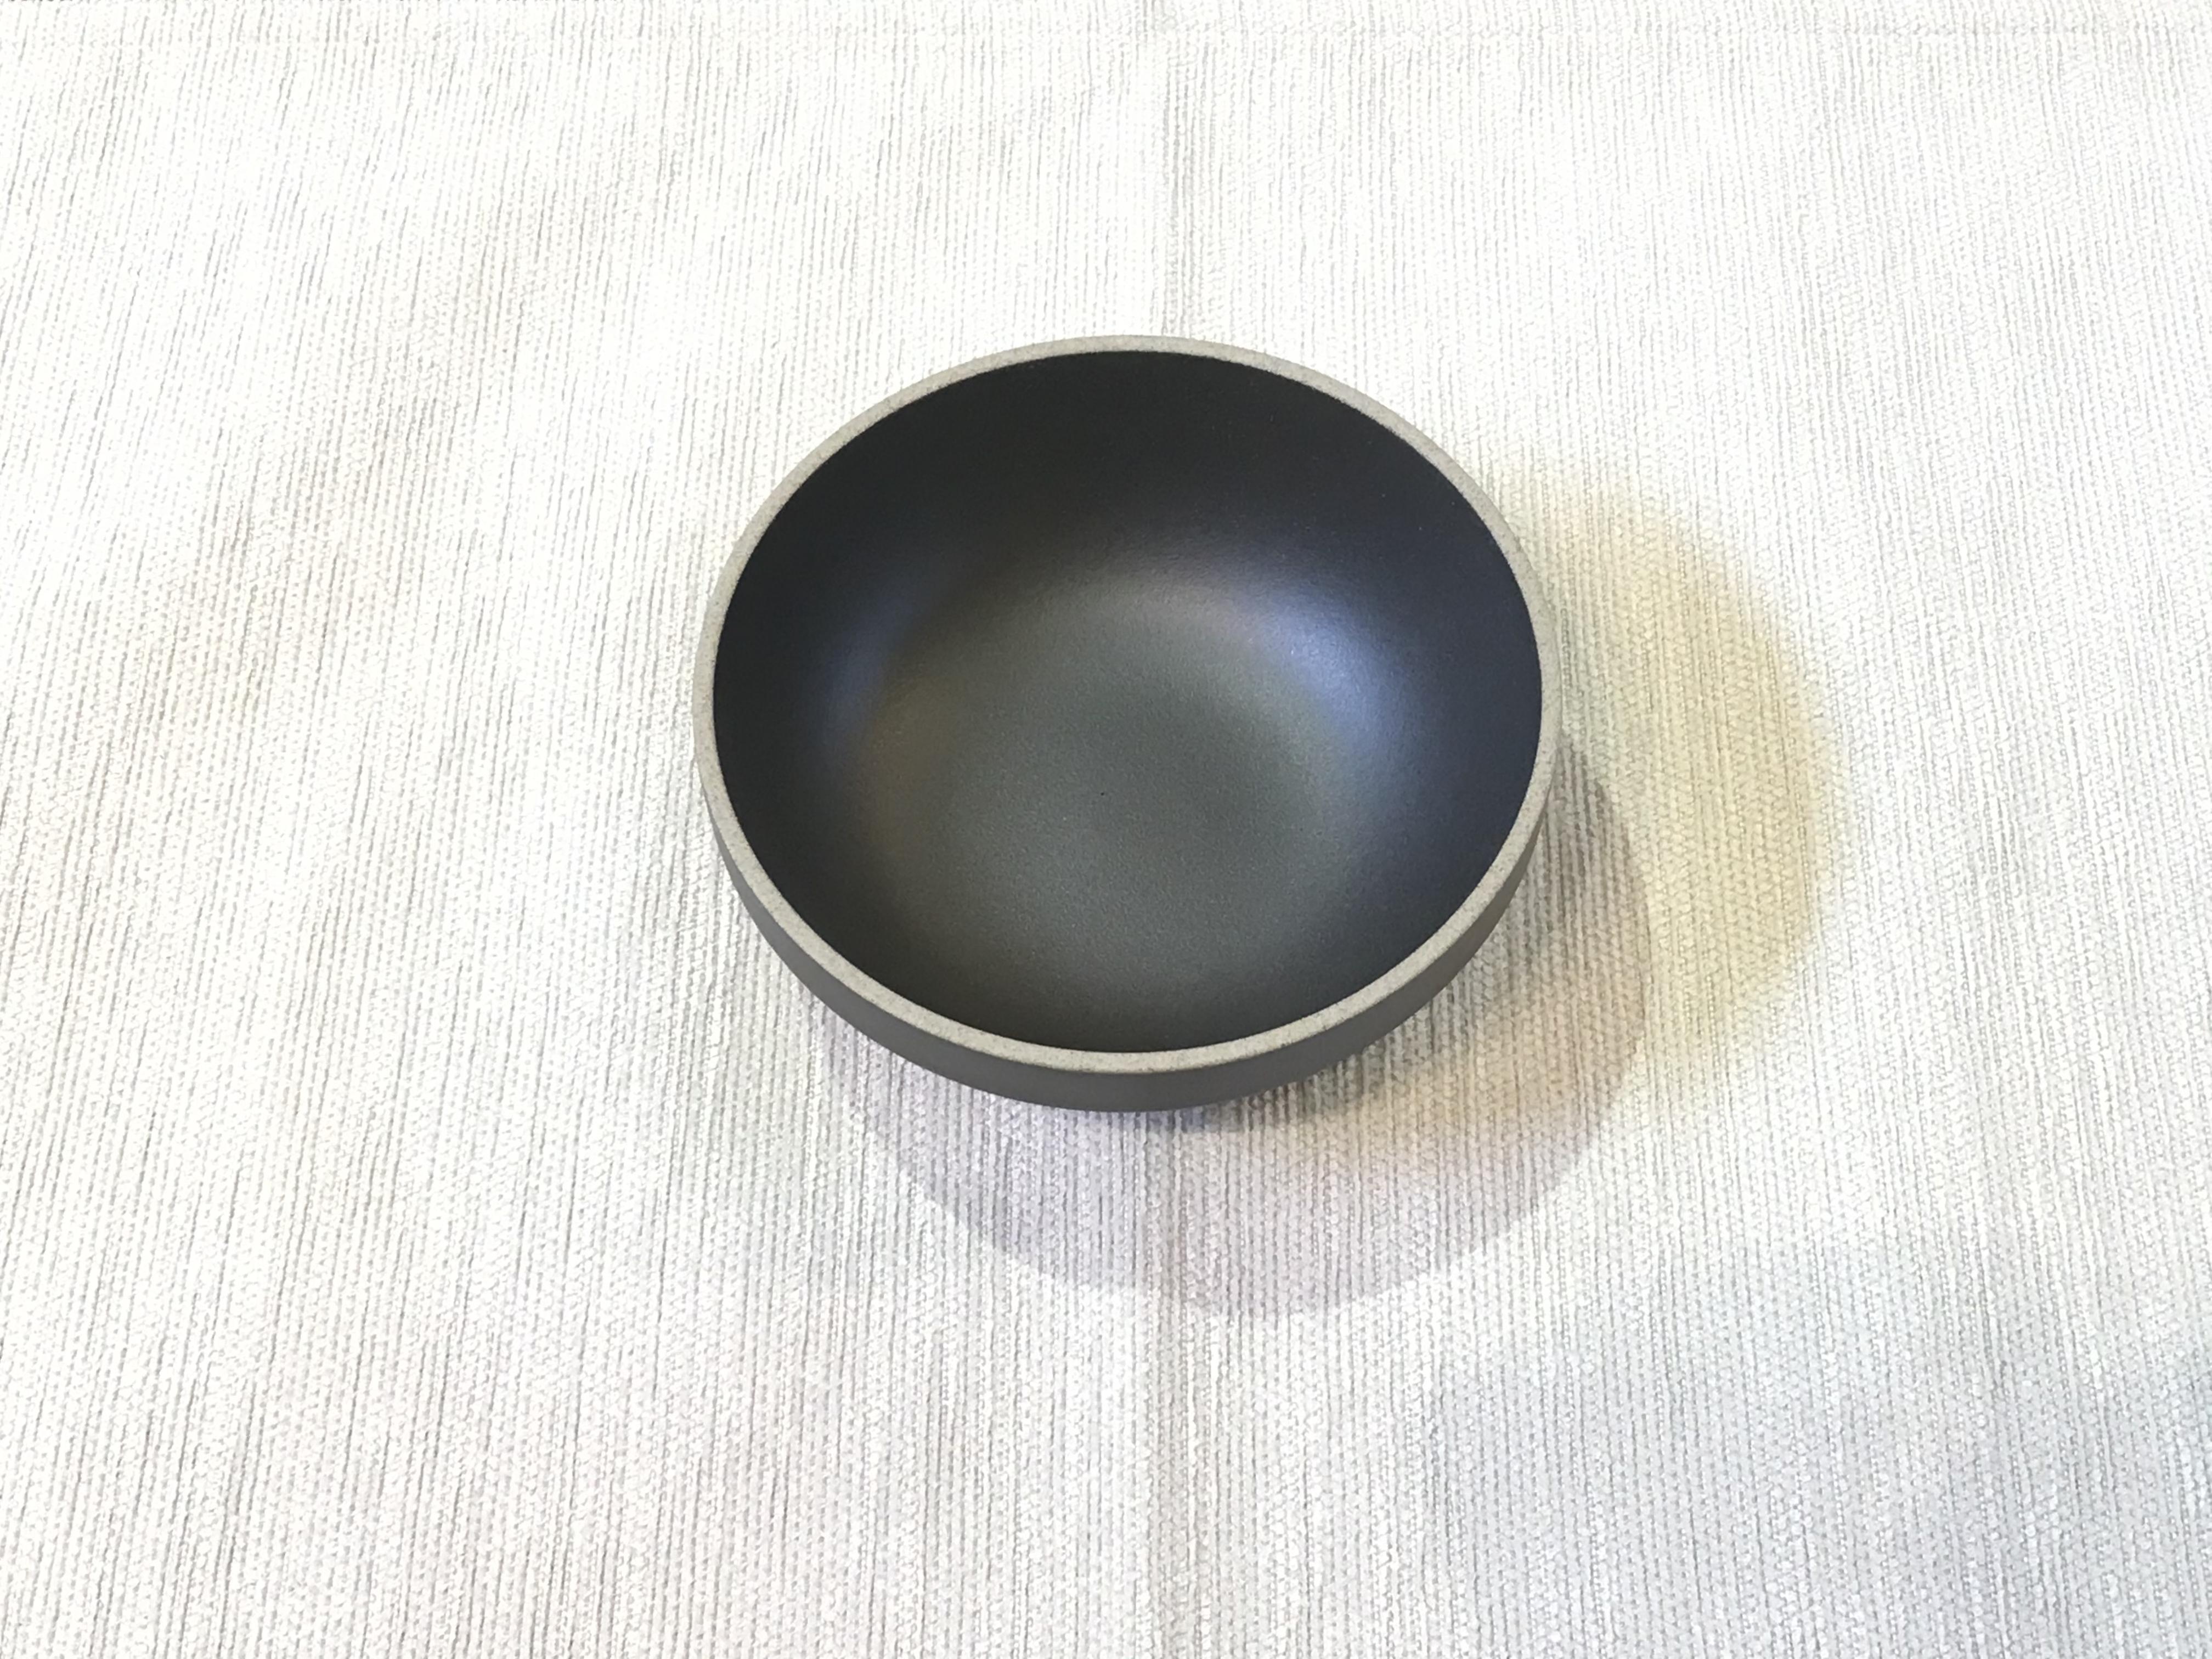 ボウル14.5cm 4